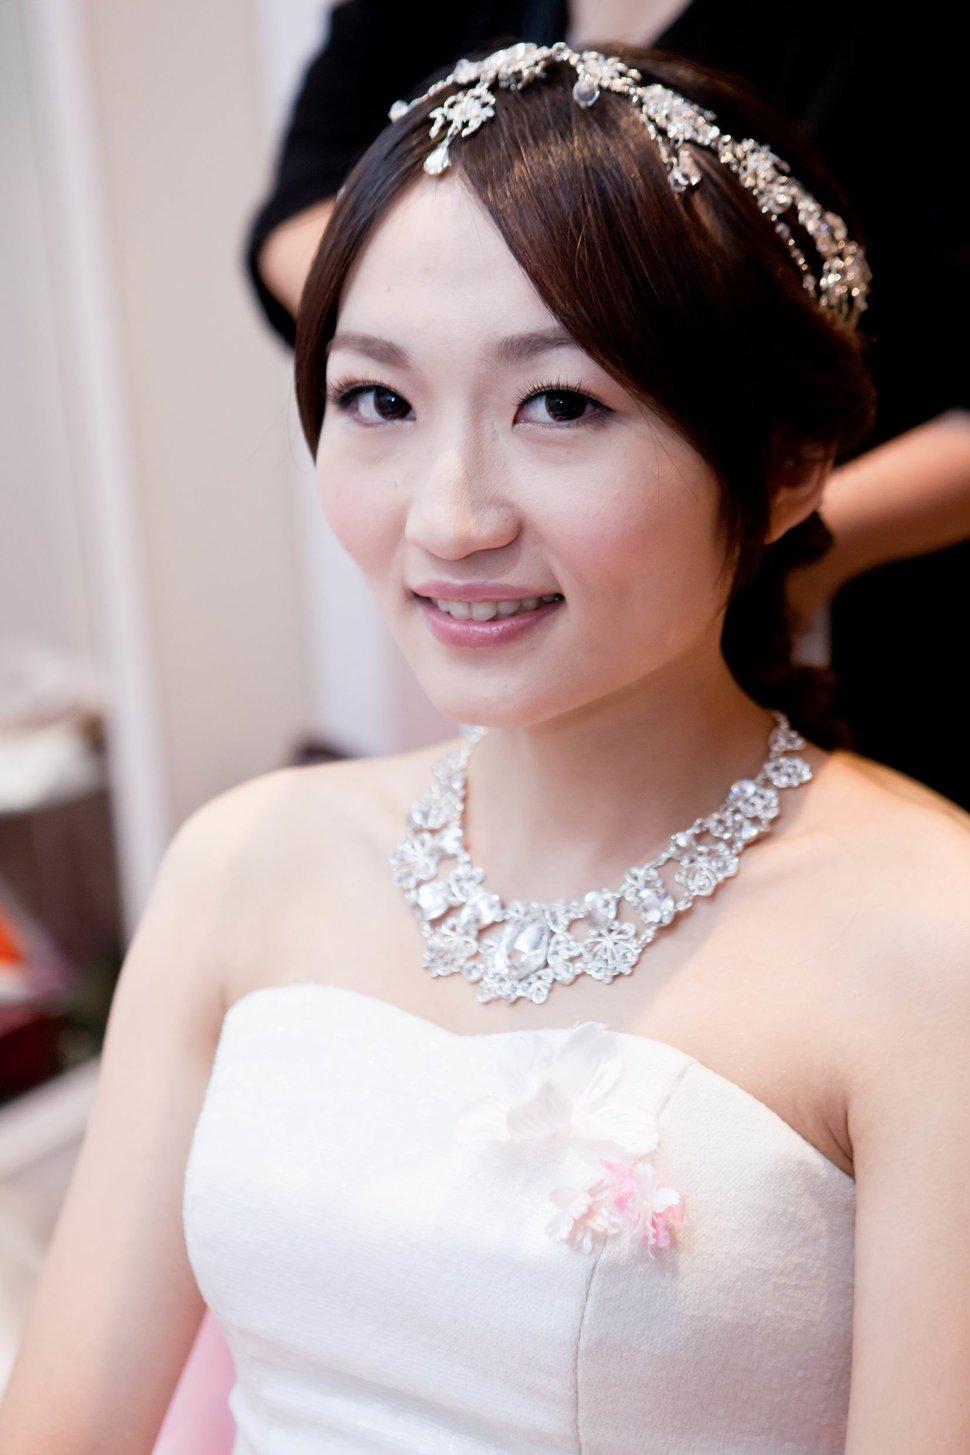 長榮桂冠酒店彭園會館婚禮記錄專業錄影平面攝影(編號:195105) - 蜜月拍照10800錄影12800攝影團隊 - 結婚吧